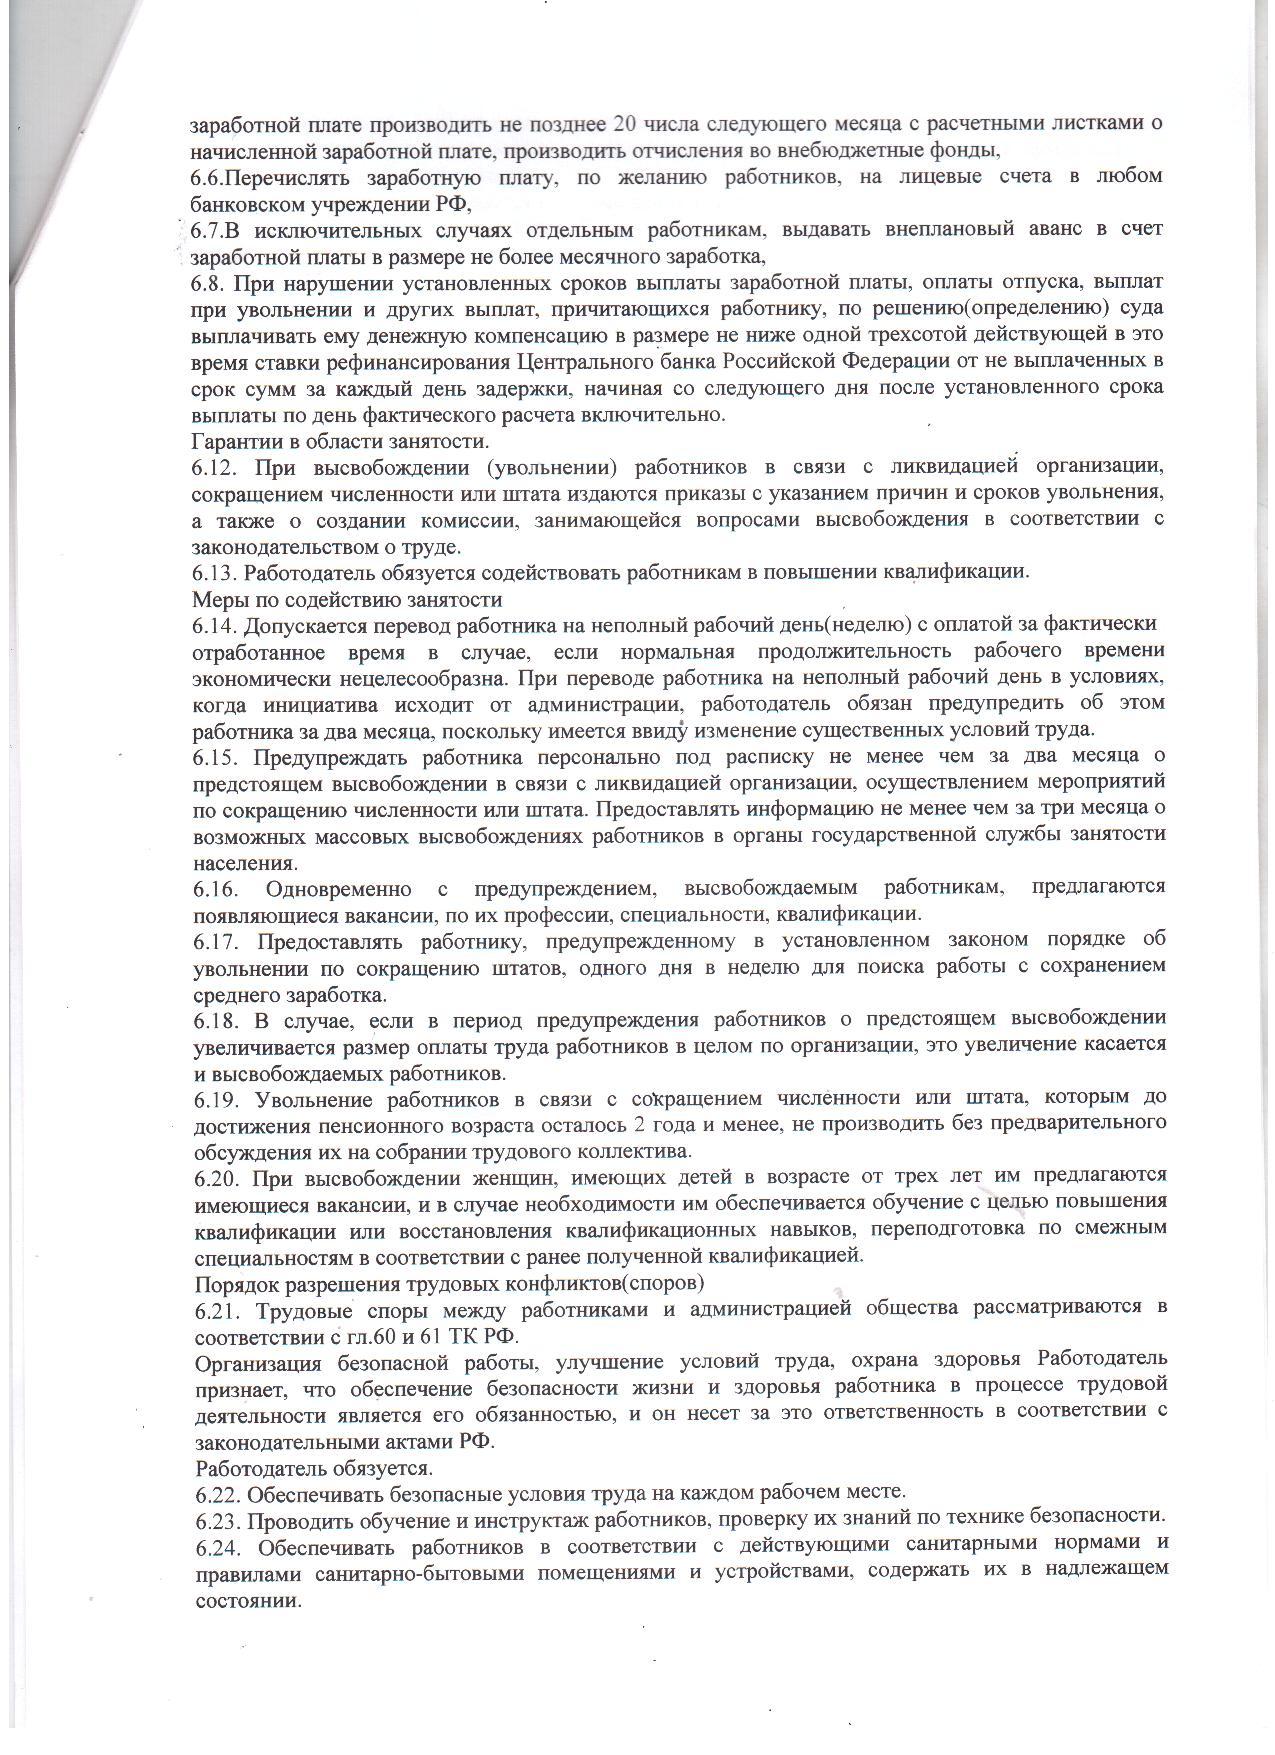 Коллективный договор 5